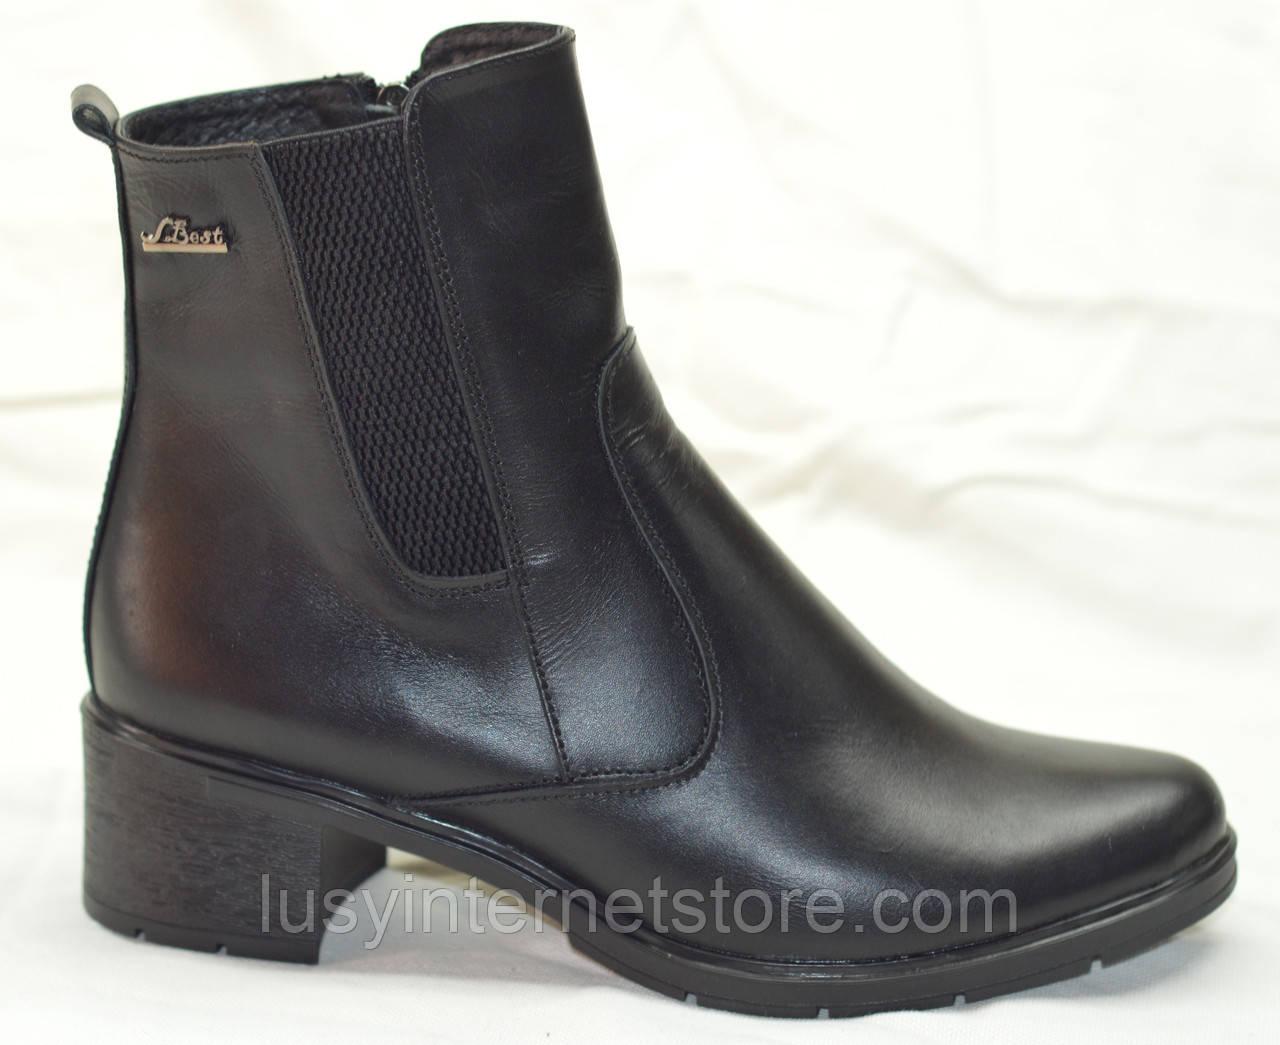 c0a1bc1a0 Ботинки женские кожаные весна на каблуке, женская обувь весна кожаные  ботинки от производителя модель НБ4В